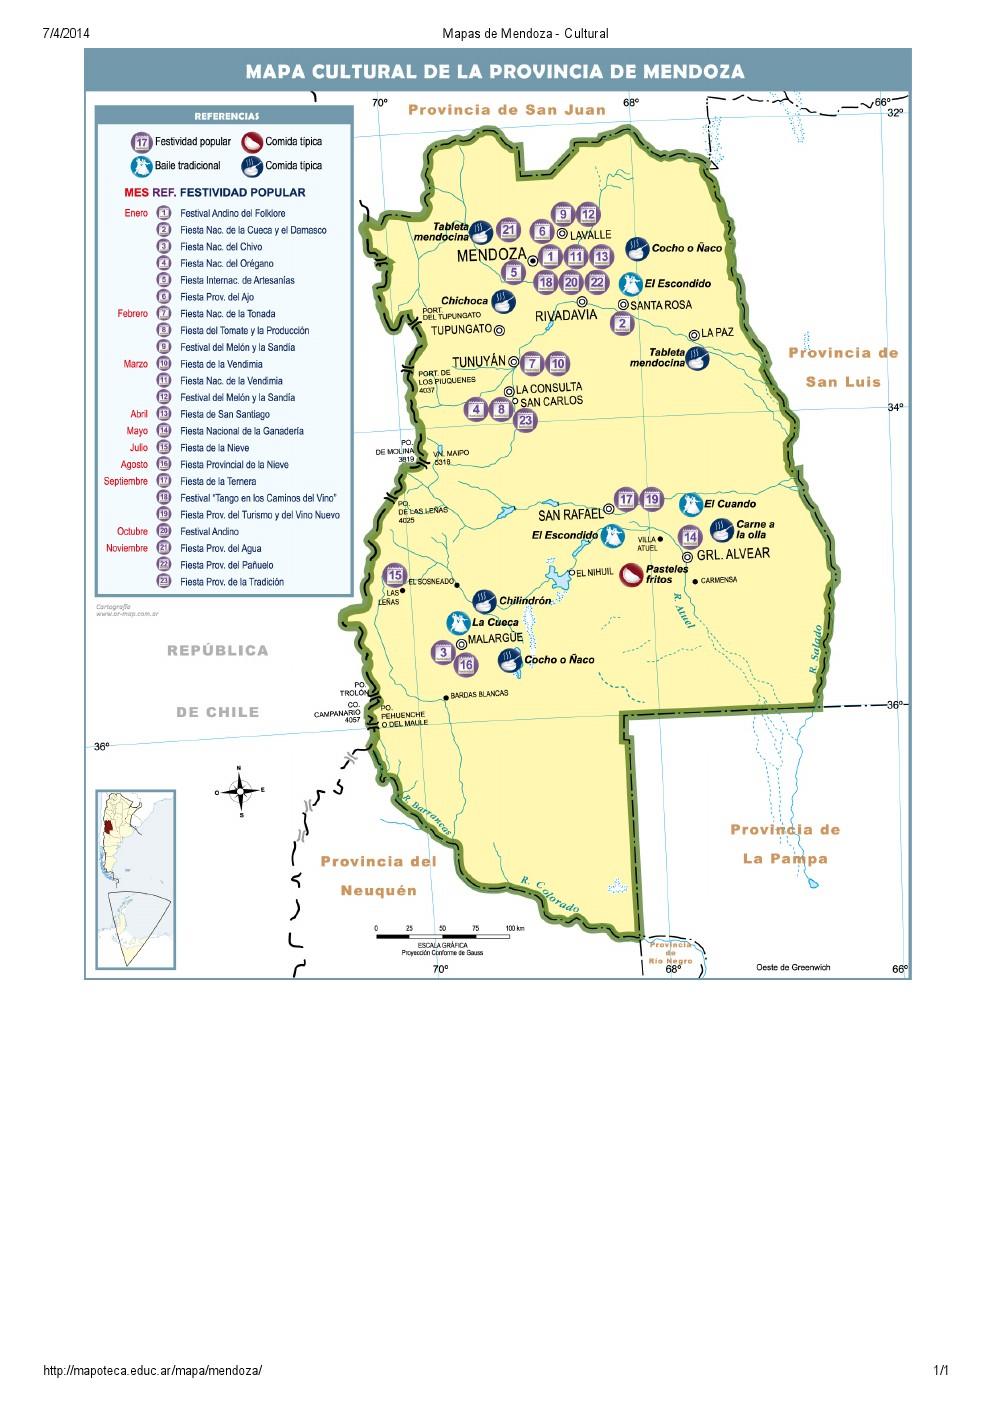 Mapa cultural de Mendoza. Mapoteca de Educ.ar